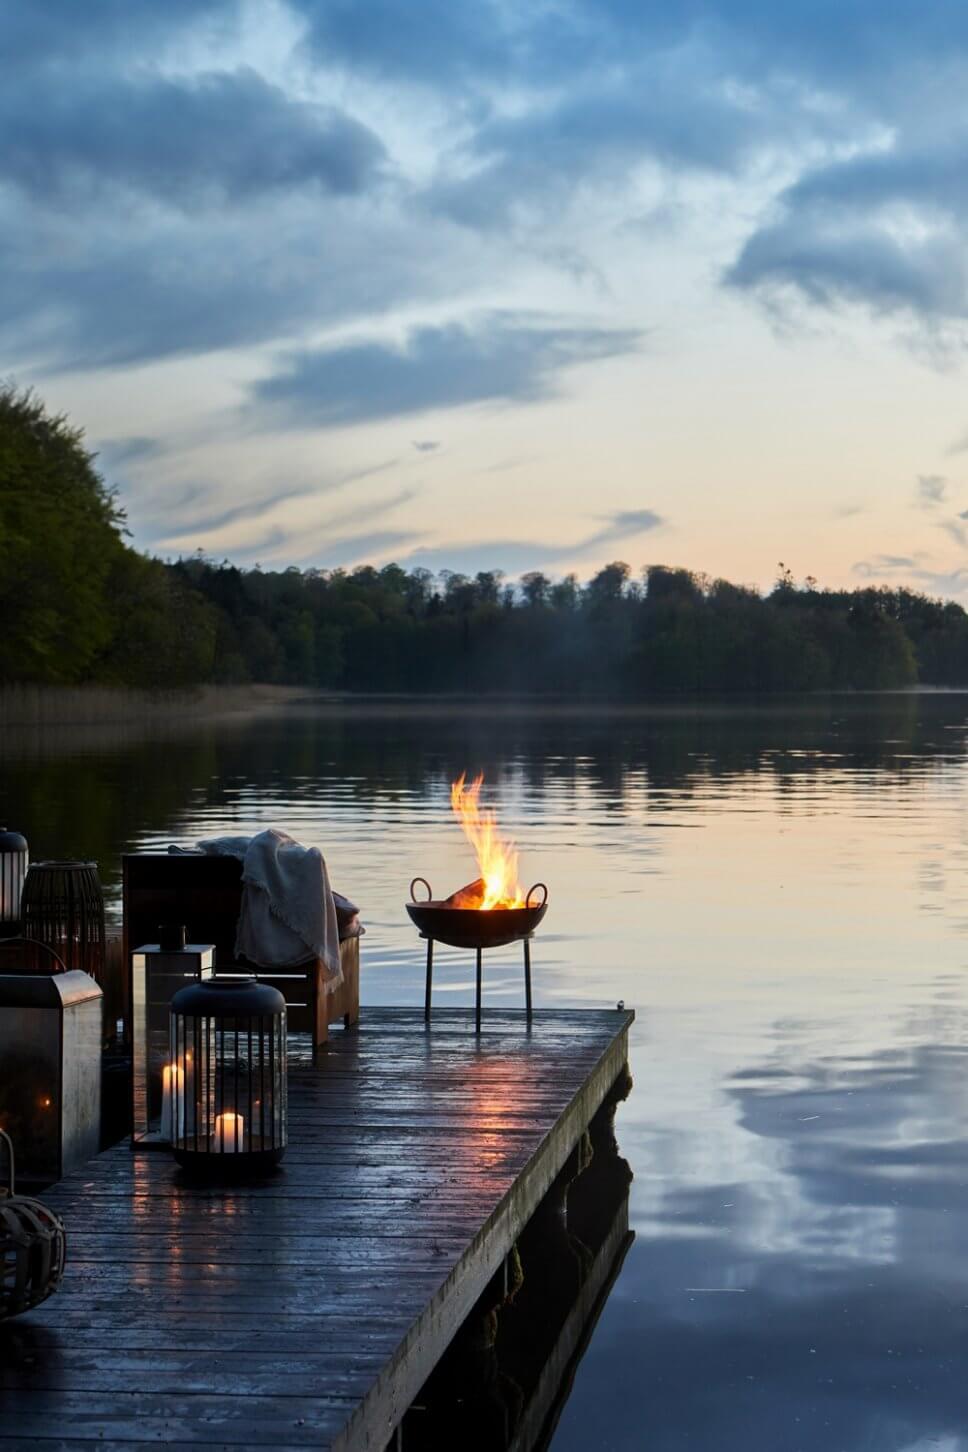 Laternen und Feuerschale auf einem Bootssteg in der Dämmerung